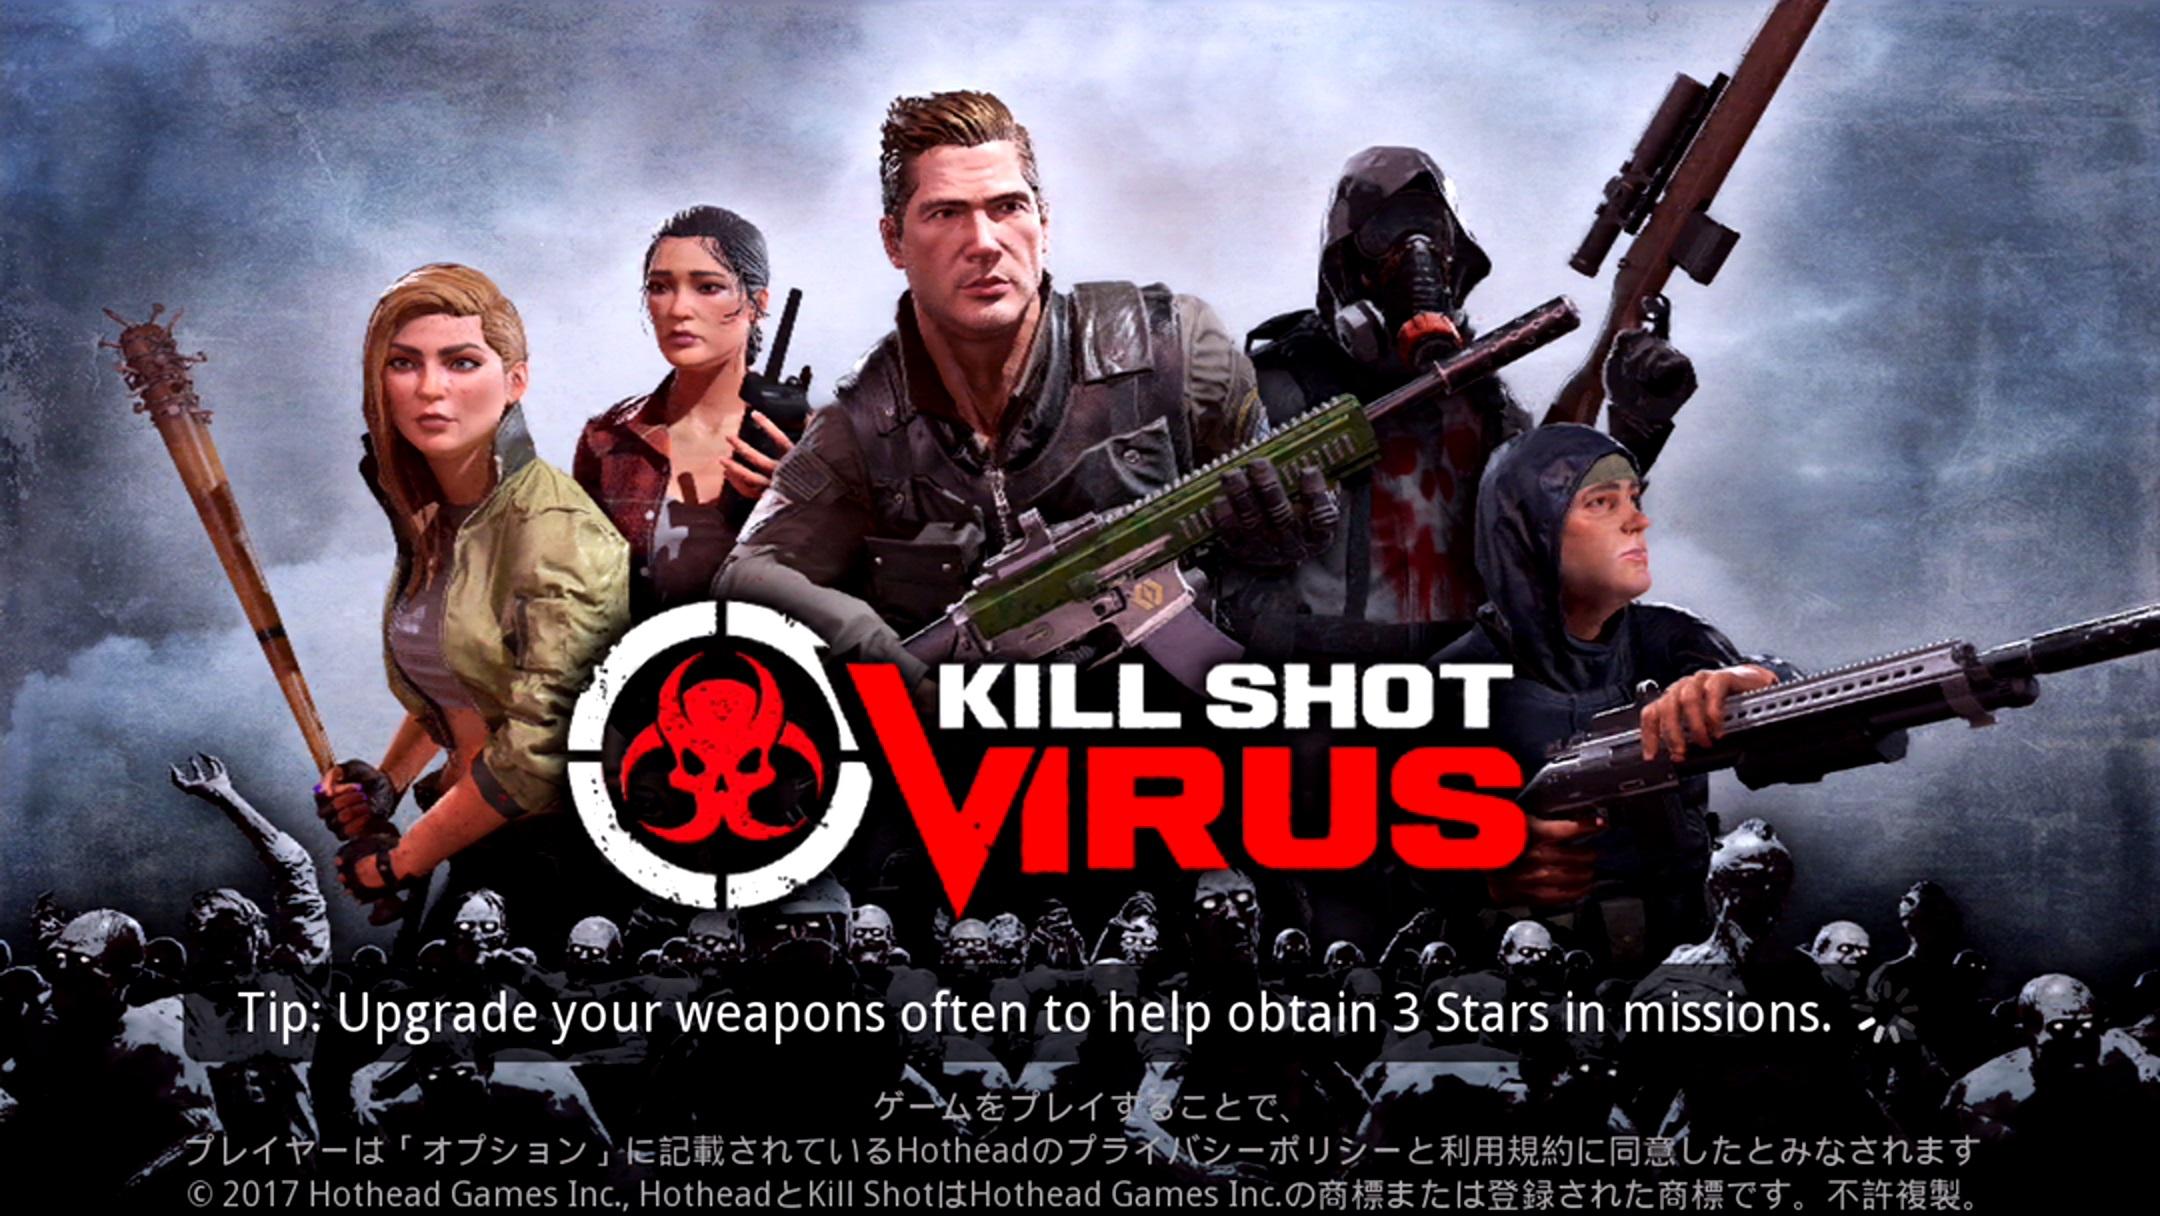 androidアプリ Kill Shot Virus攻略スクリーンショット1